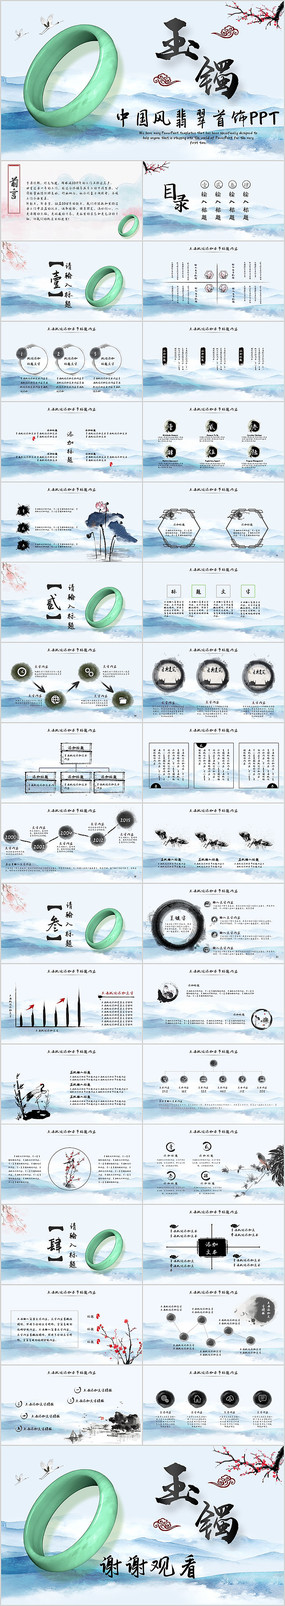 古典中国风玉器珠宝首饰工作PPT模板